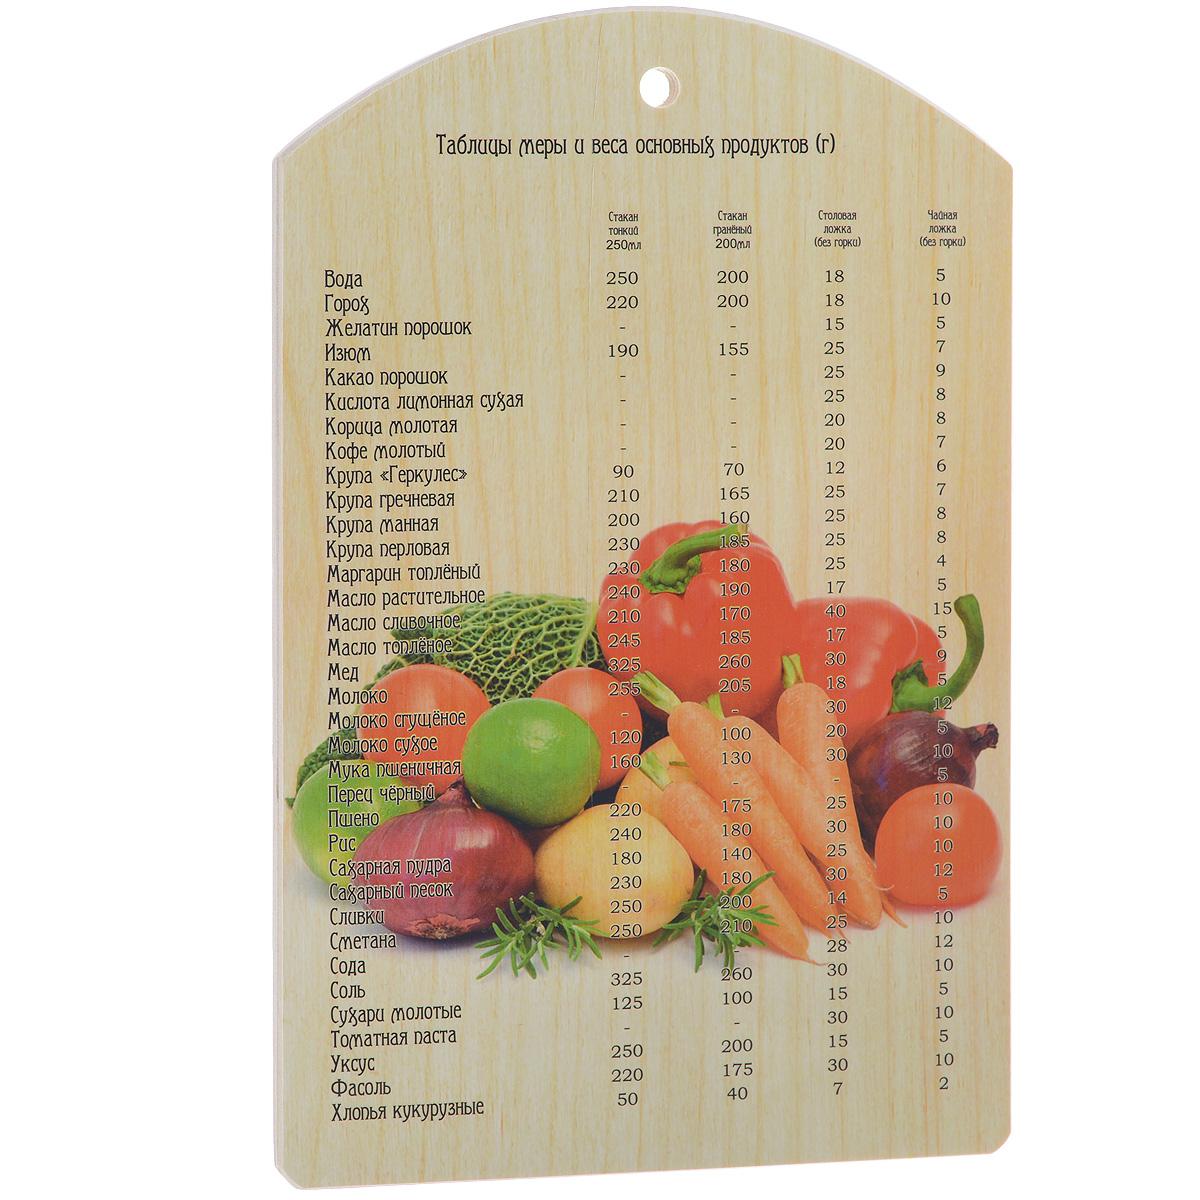 Доска разделочная Marmiton Урожай, 29 х 18,5 см17039Разделочная доска Marmiton Урожай, изготовленная из березы, прекрасно подходит для разделки и измельчения всех видов продуктов. С лицевой стороны изделие декорировано изображением овощей и таблицей меры и веса продуктов. Доска имеет отверстие для подвешивания на крючок. Внимание! Используйте только обратную сторону доски! Перед первым использованием промойте теплой водой и вытрите насухо мягкой тканью. Не подходит для мытья в посудомоечной машине.